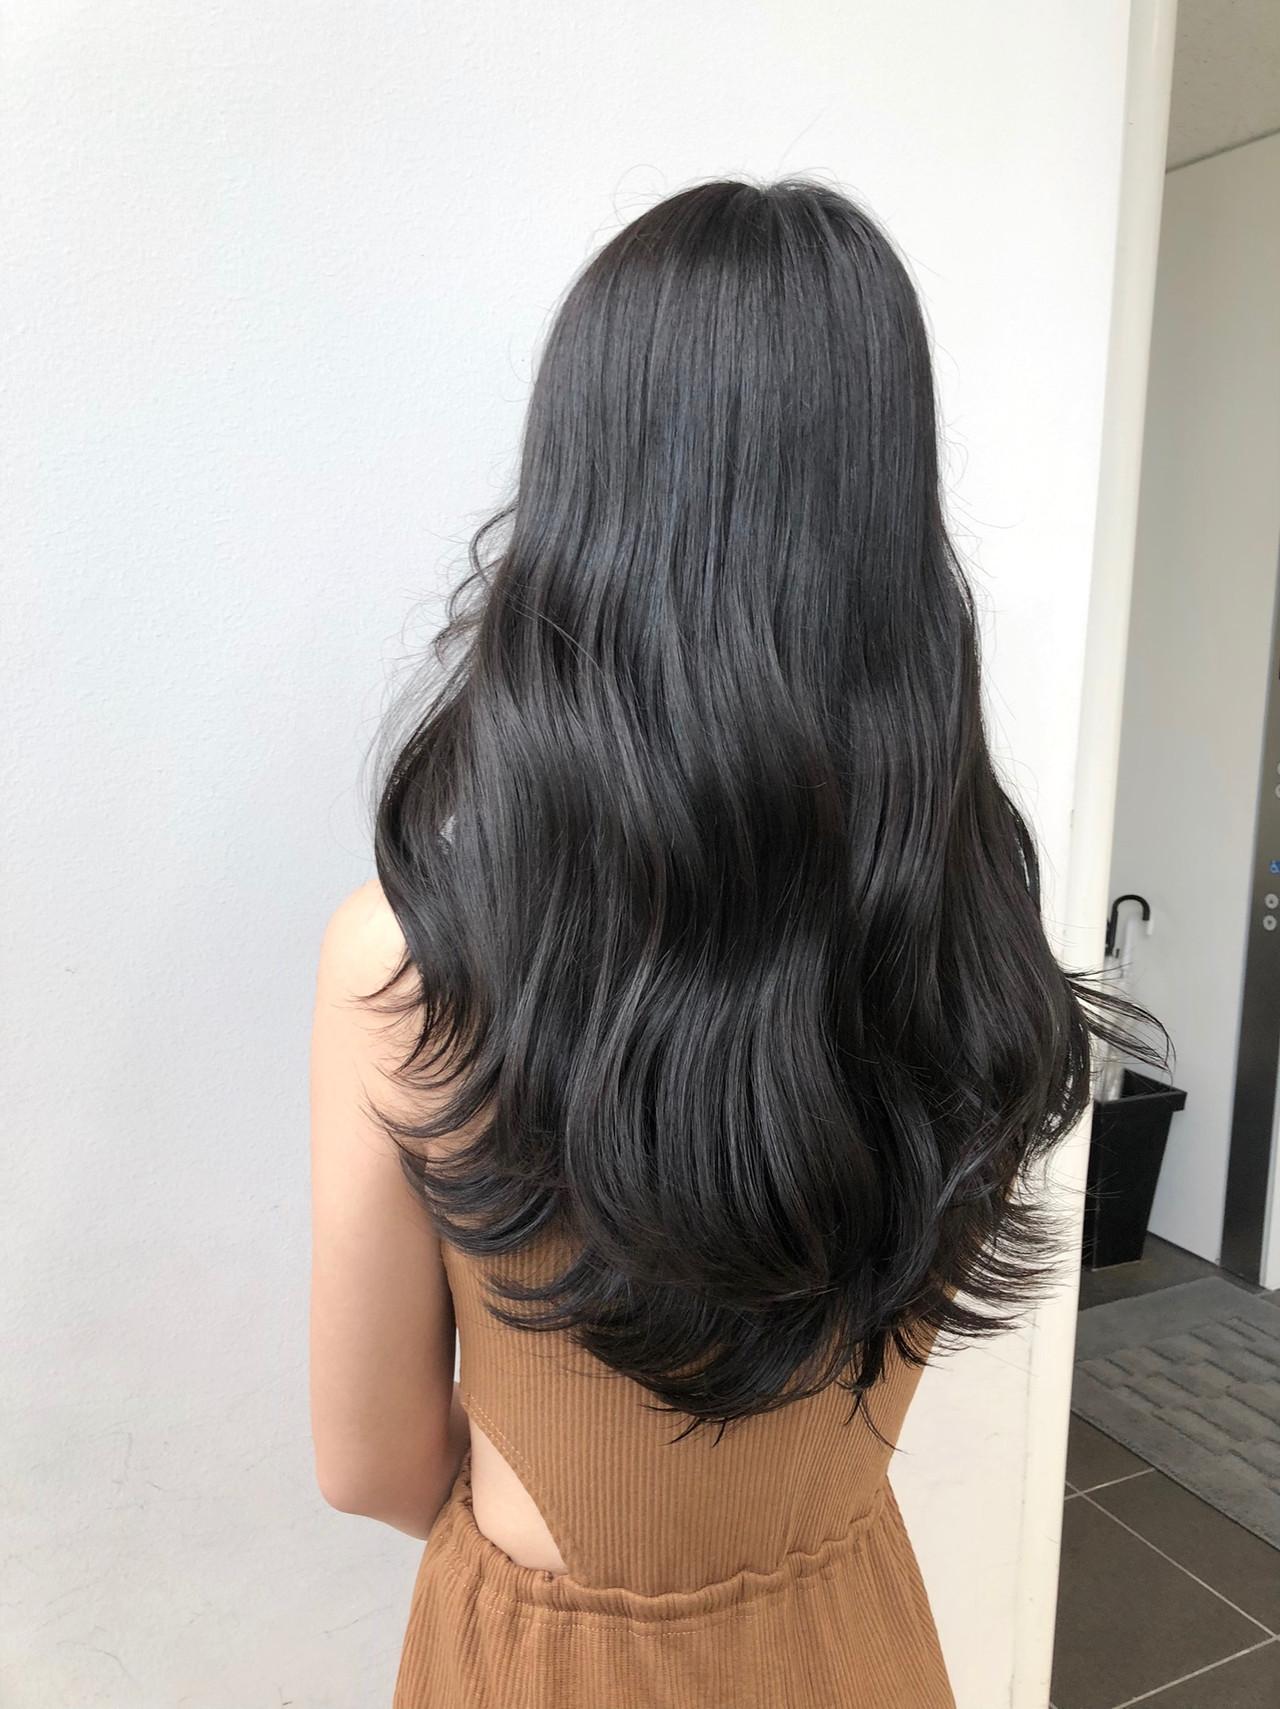 韓国風ヘアー 韓国ヘア ナチュラル タンバルモリ ヘアスタイルや髪型の写真・画像